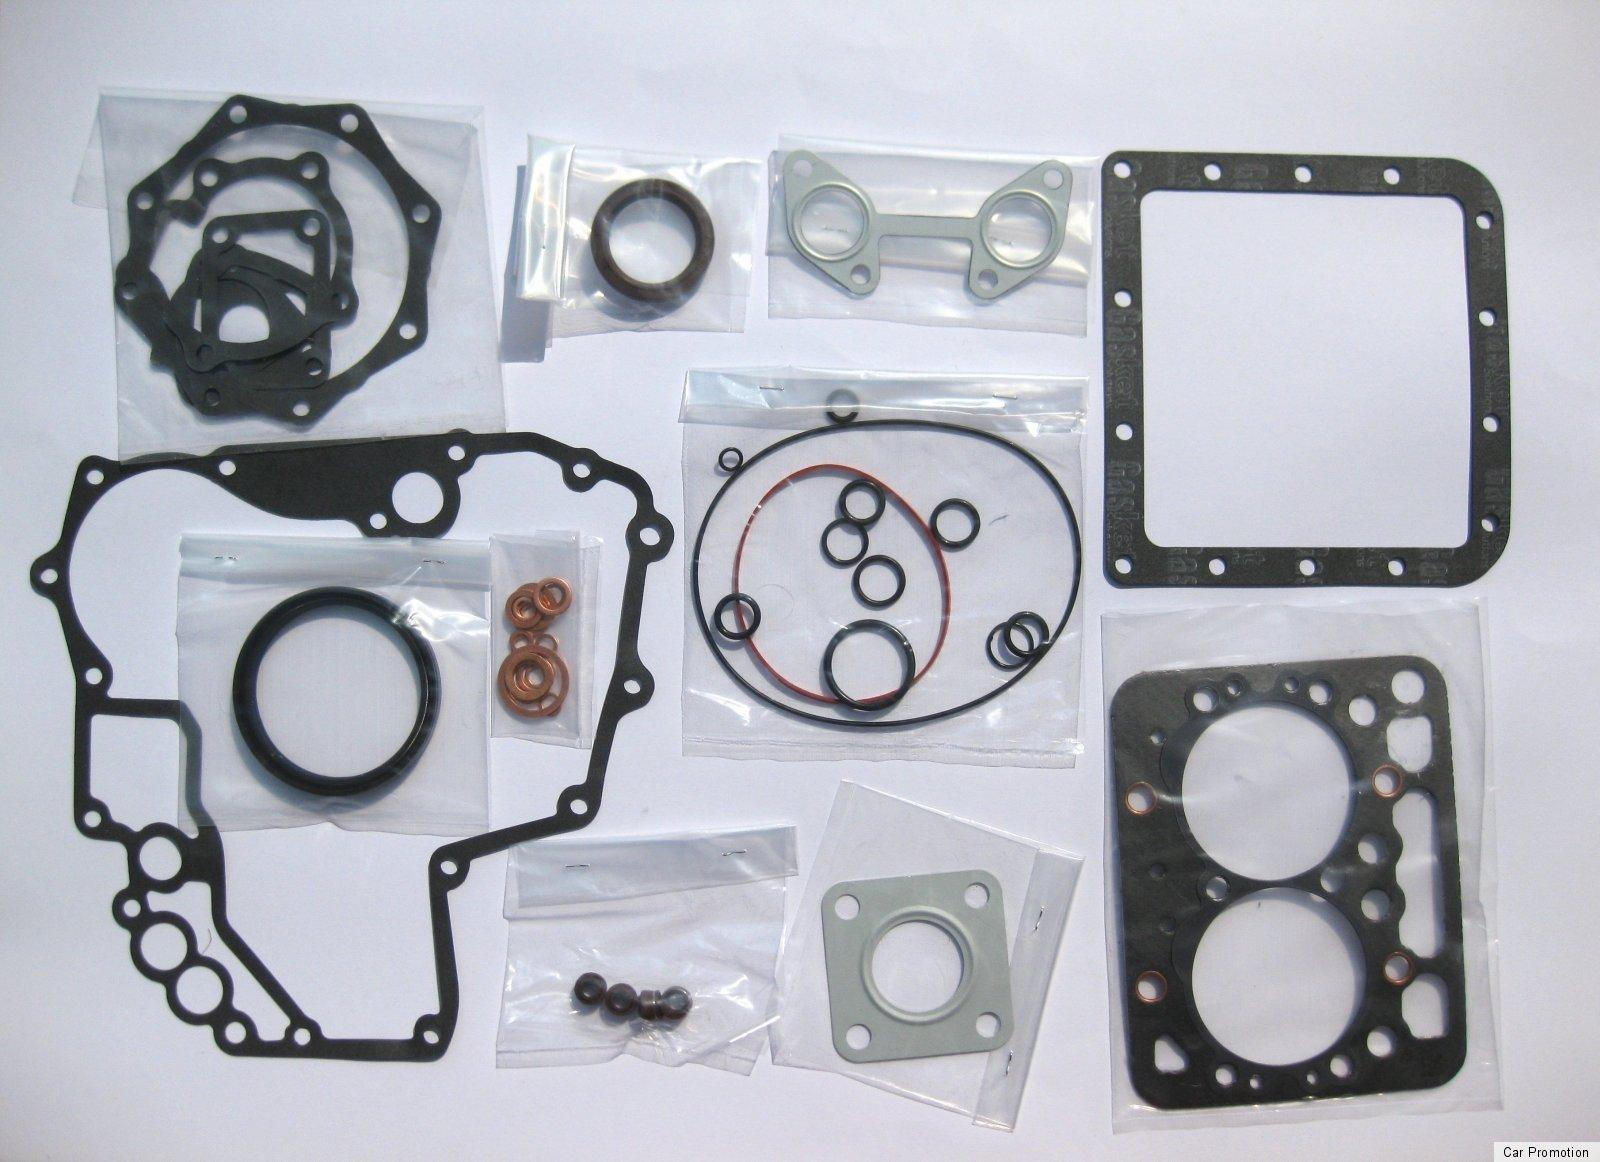 Kubota D1005 Dichtungssatz Dichtsatz Disa Dichtung ZKD Motordichtsatz gasket set